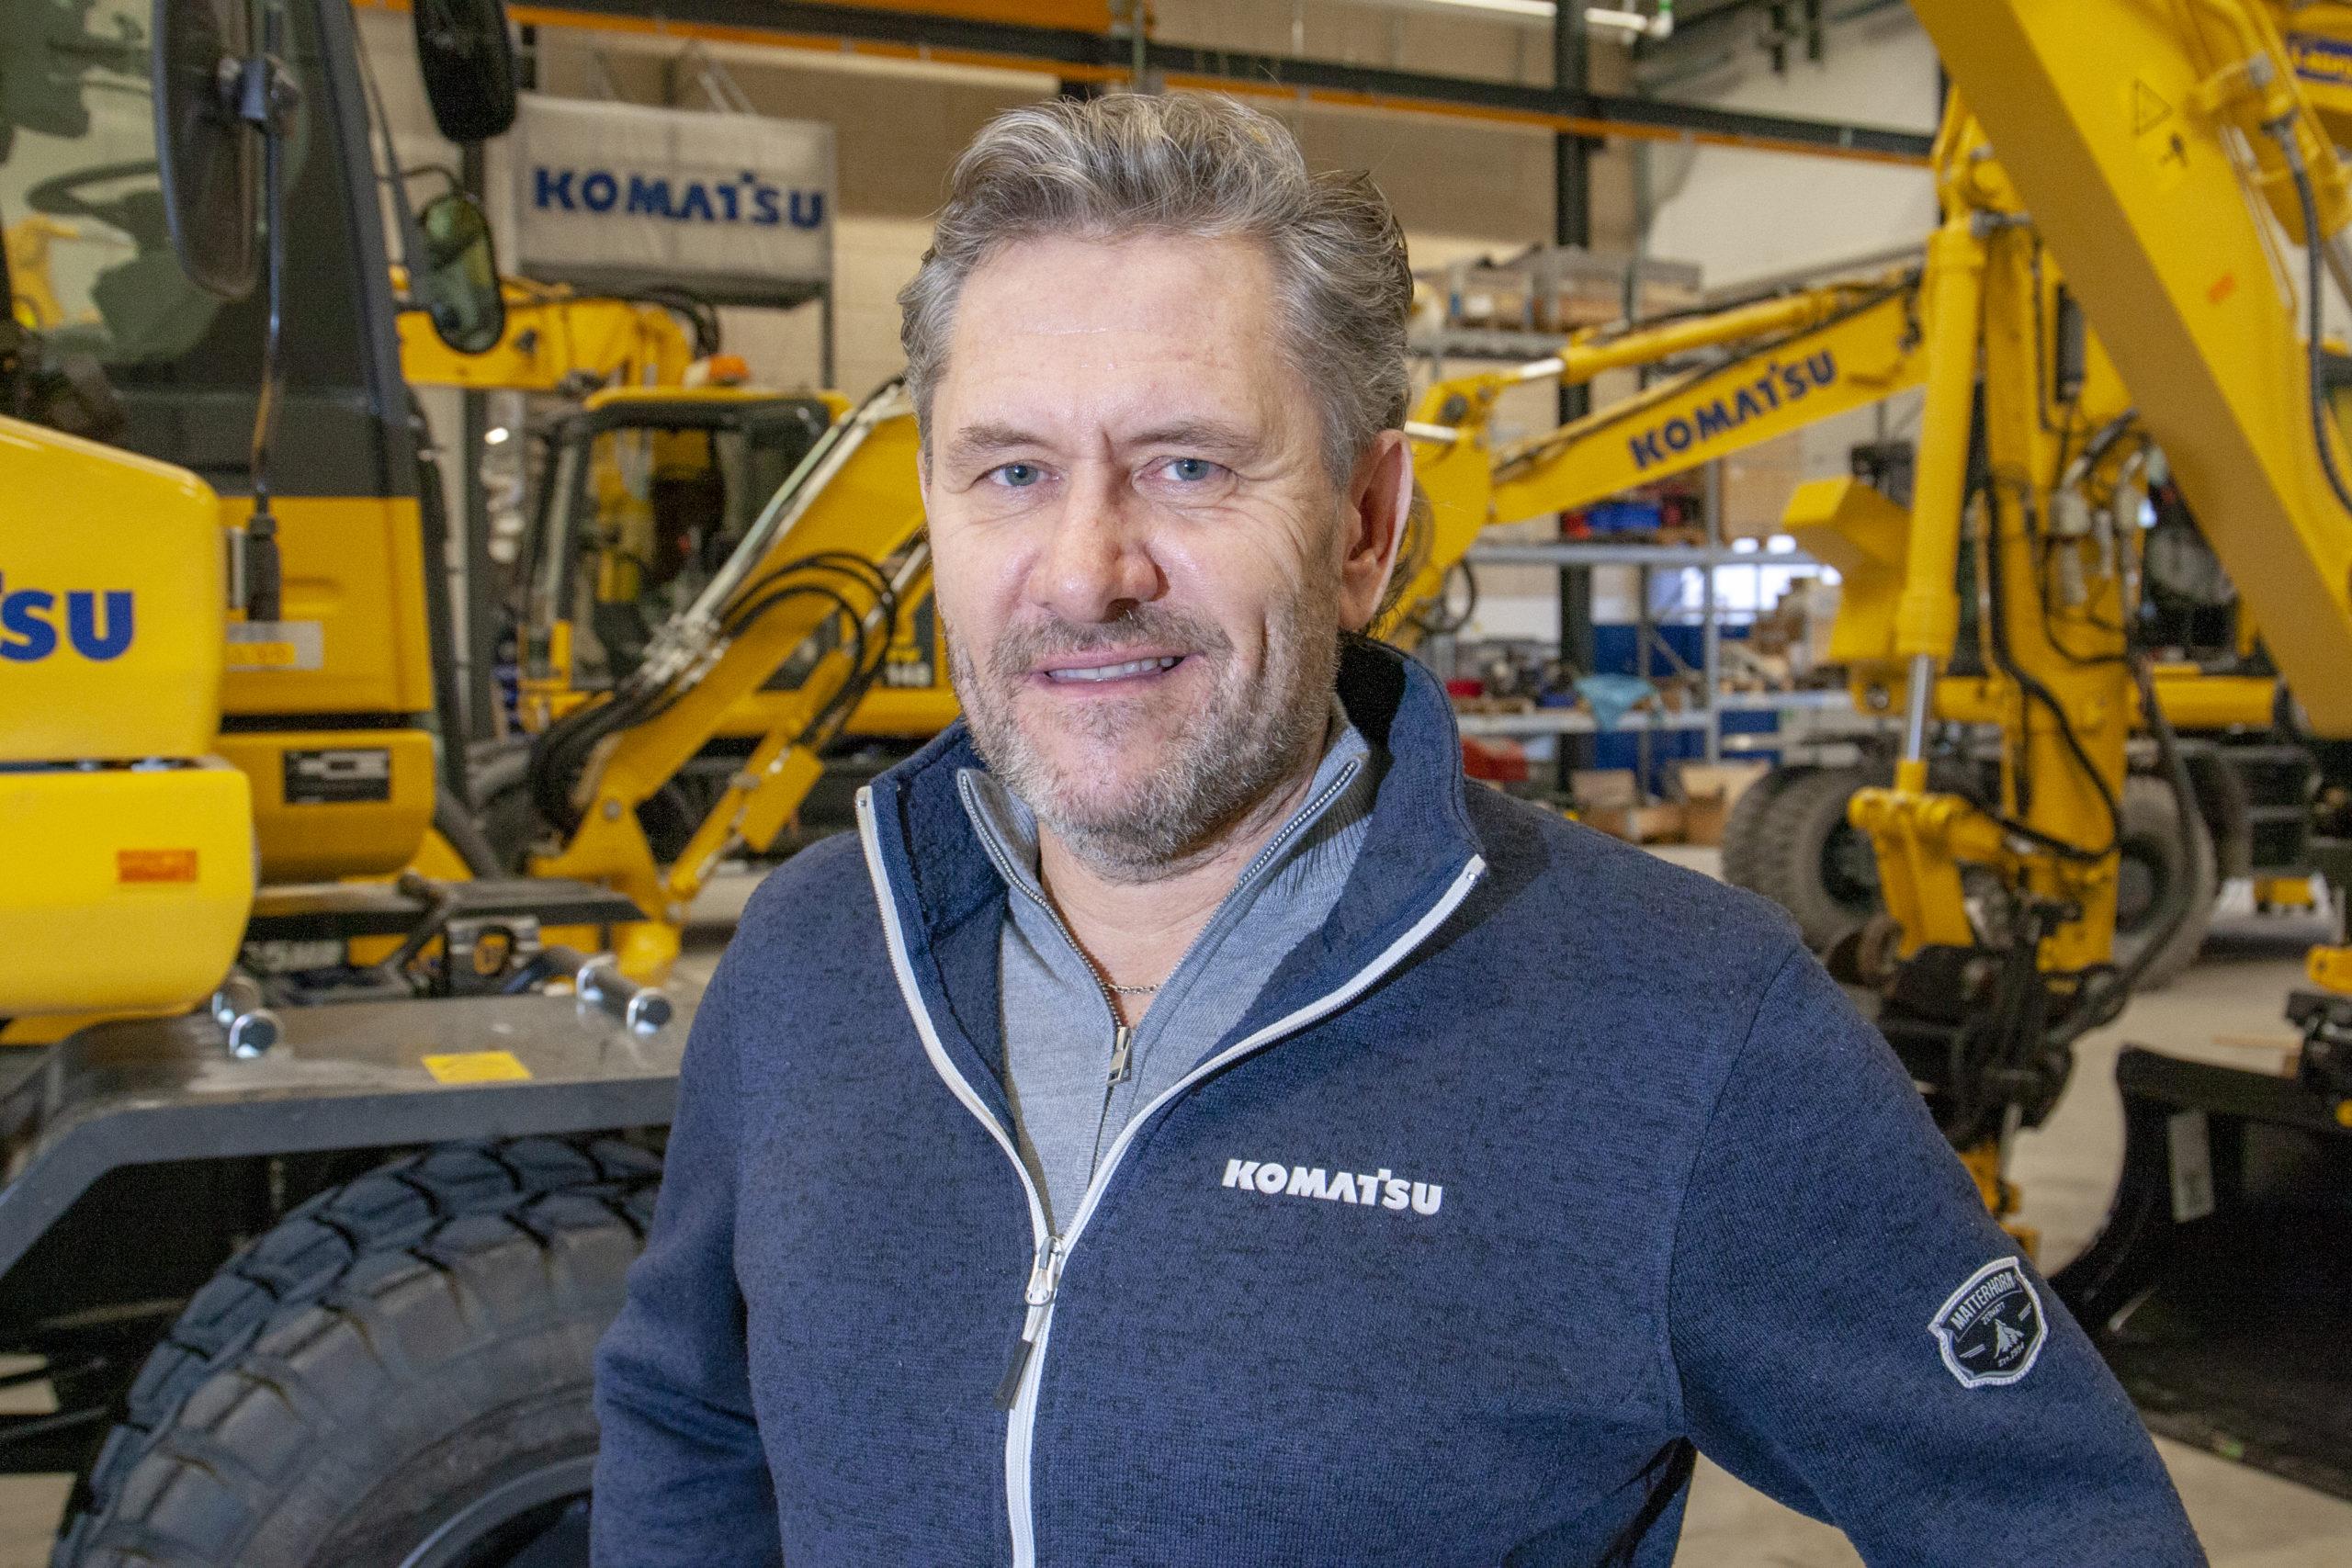 Patrick Andersson är ny säljare av Komatsu och Bomag i Stockholm och Mälardalen.